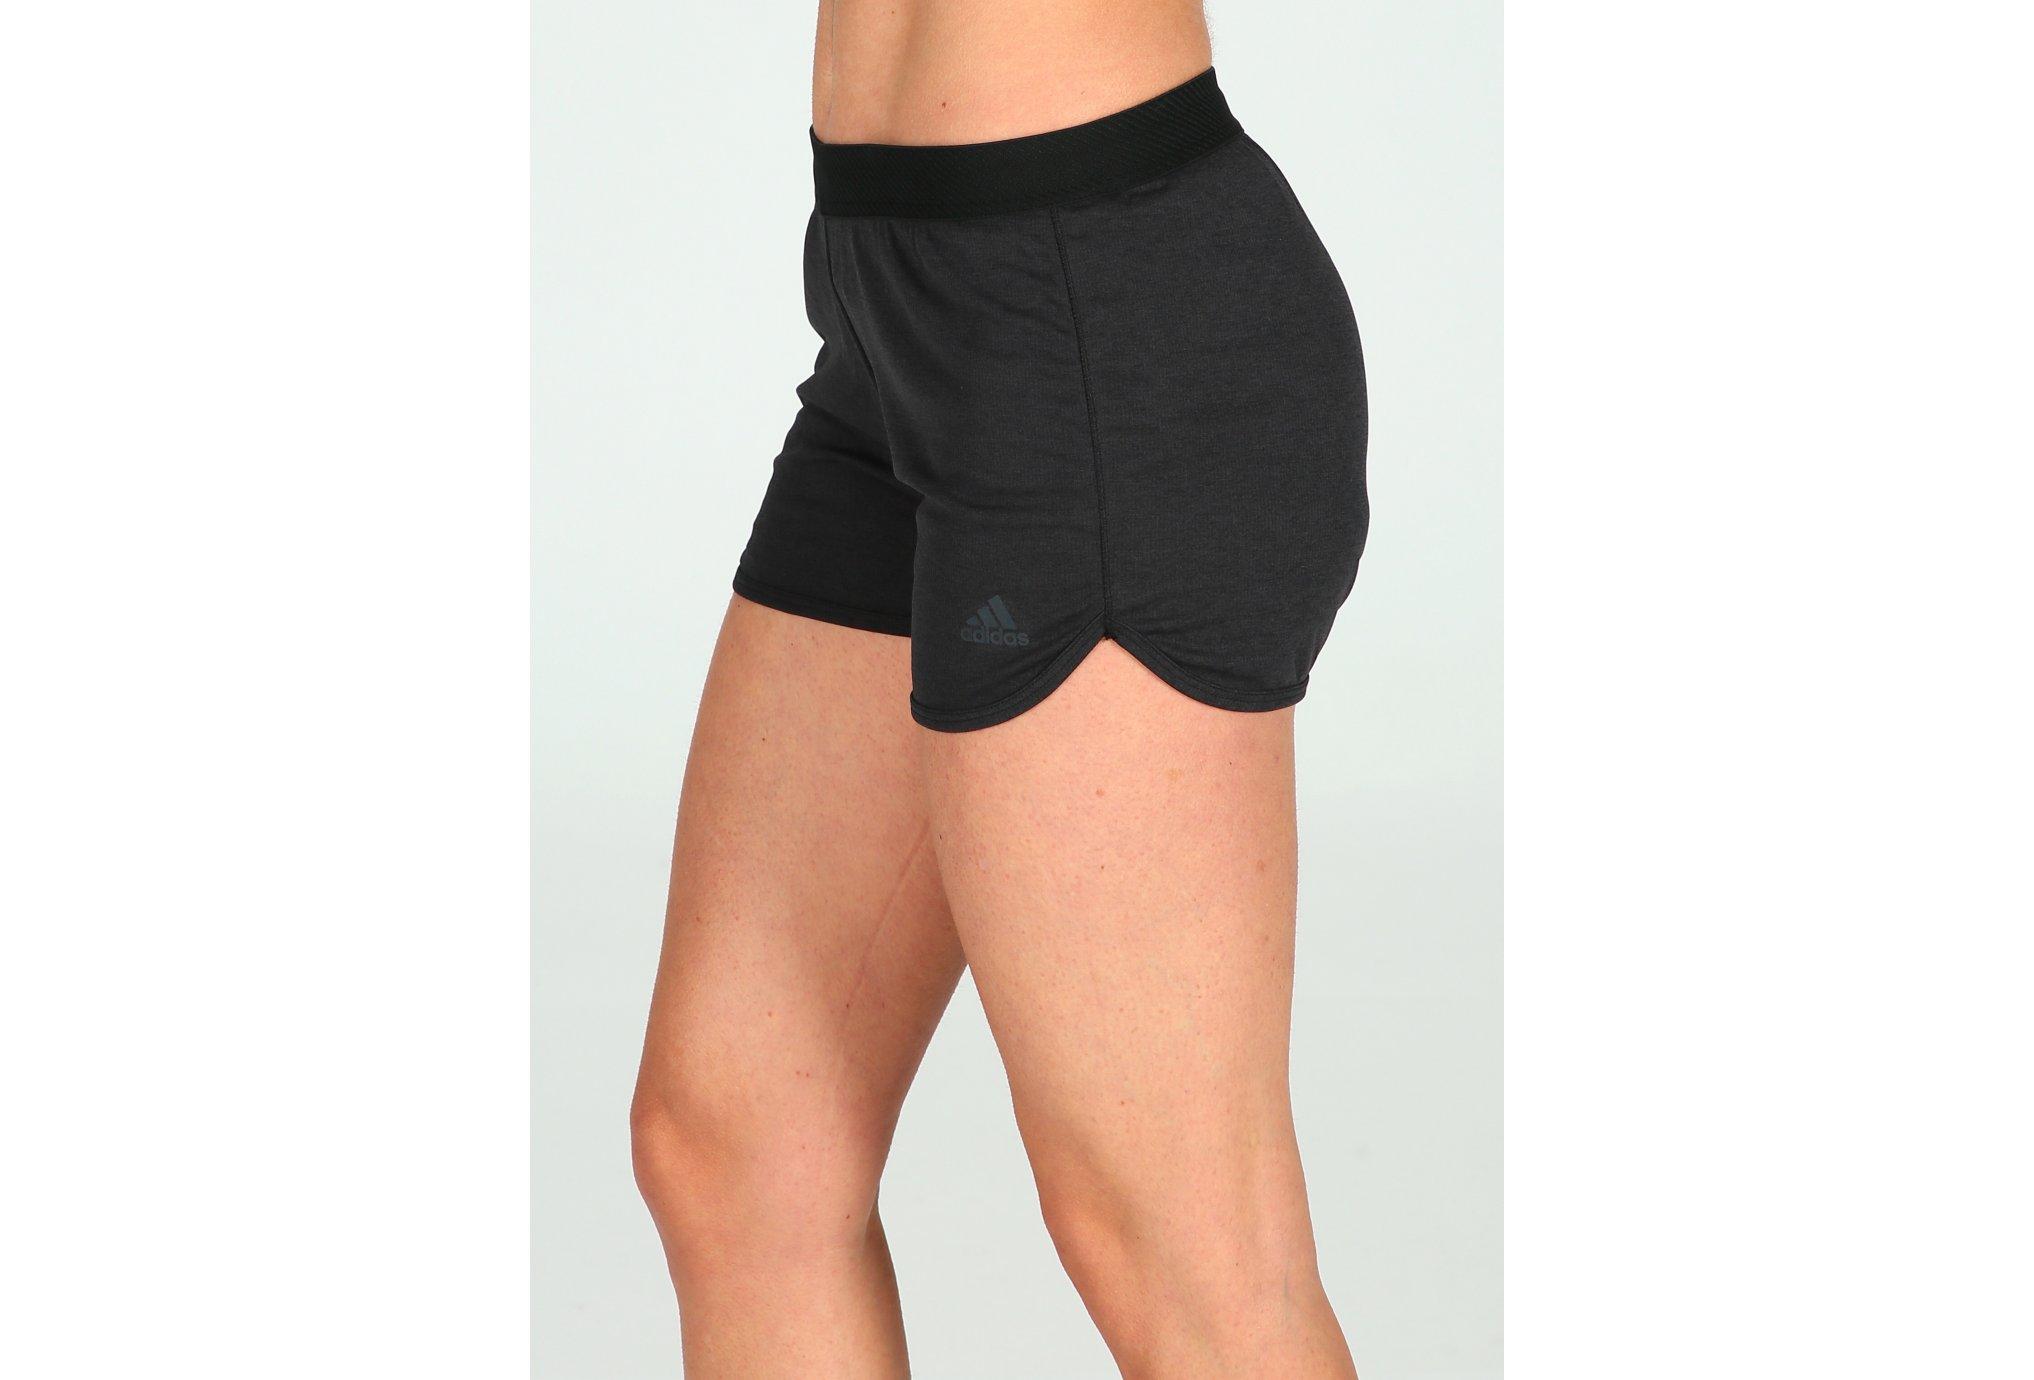 Adidas Climachill w vêtement running femme